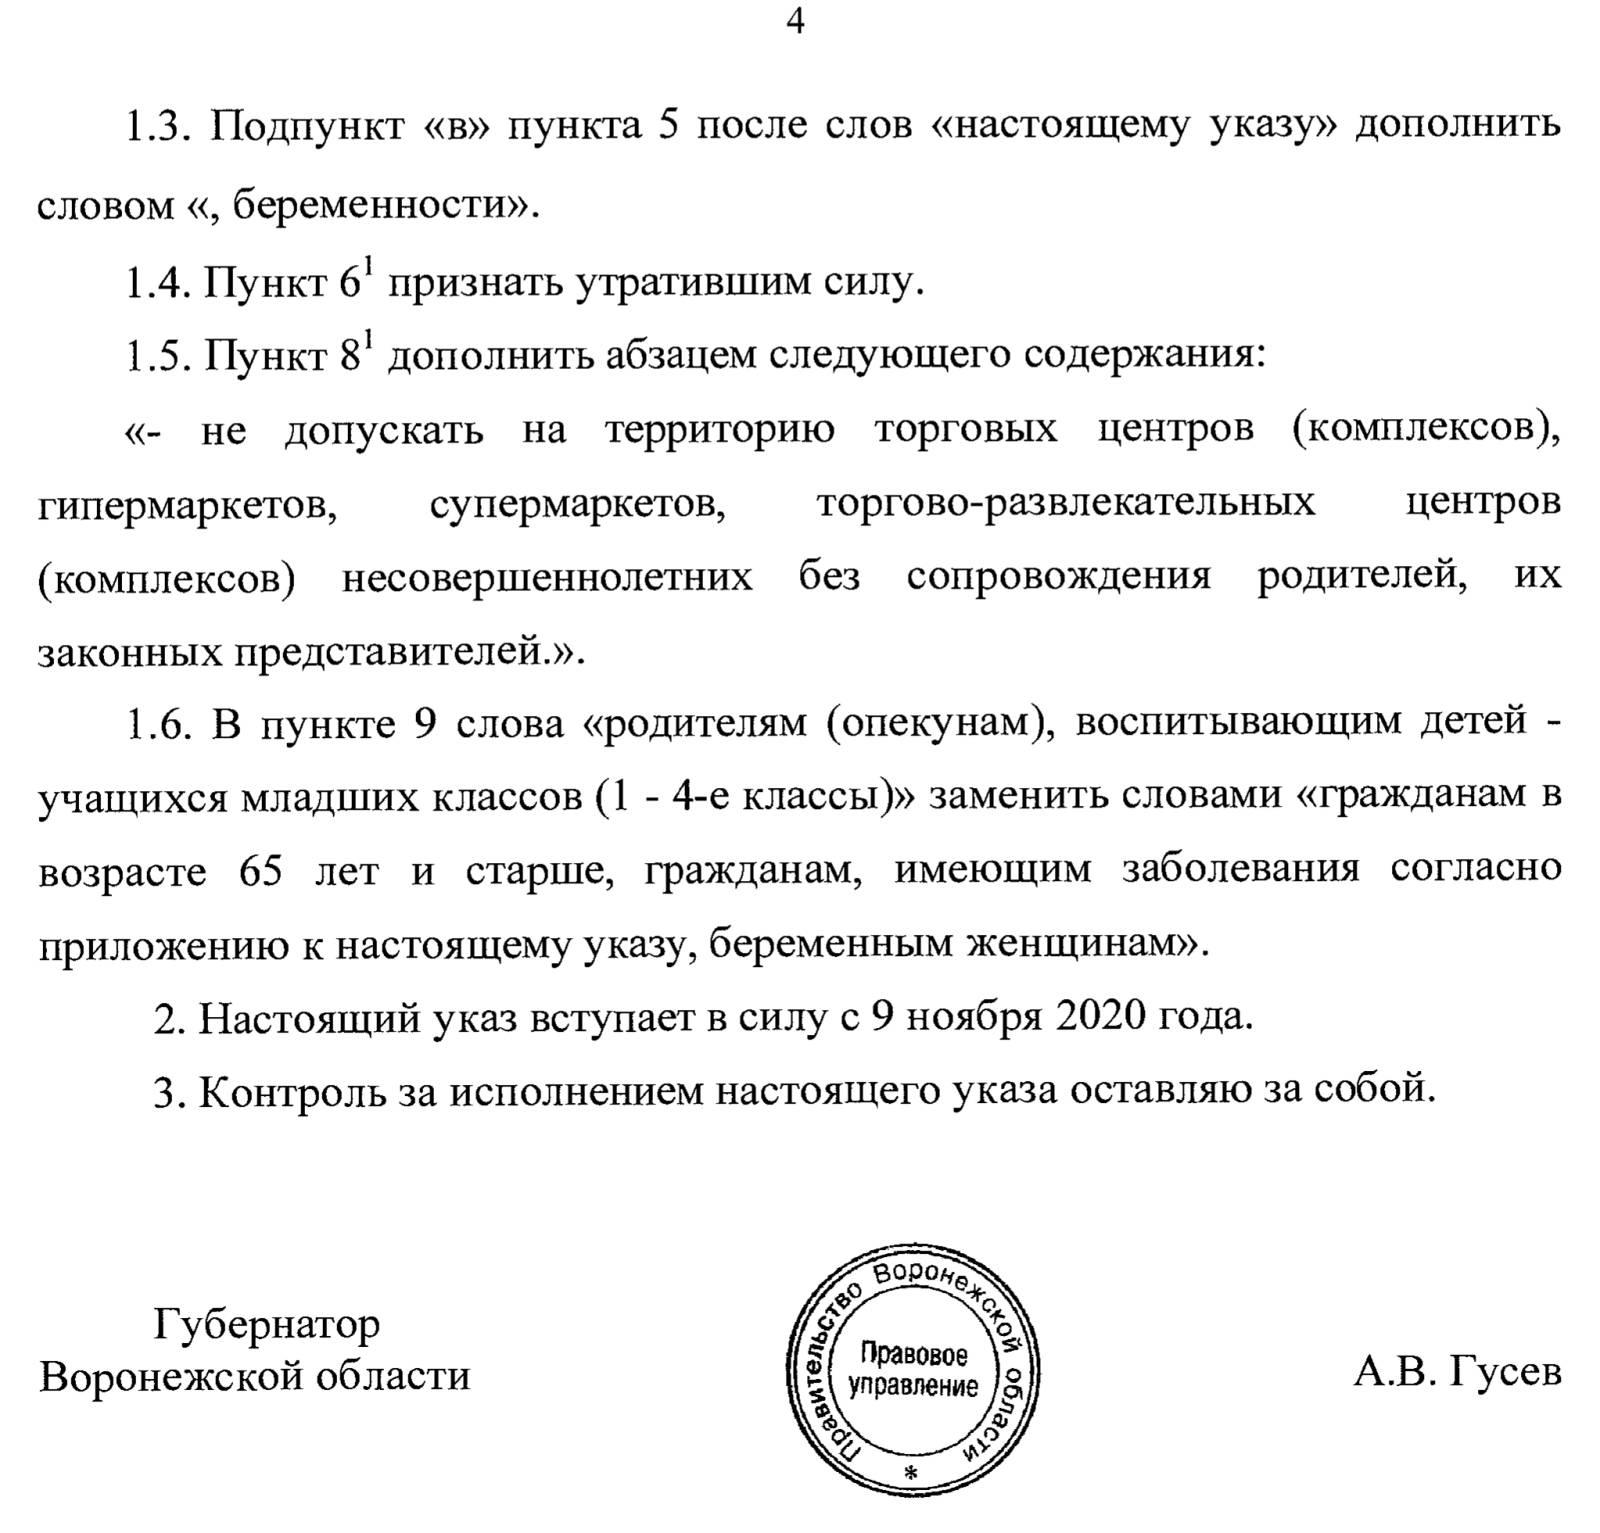 Указ о новых ограничительных мерах для борьбы с коронавирусом в Воронежской области: